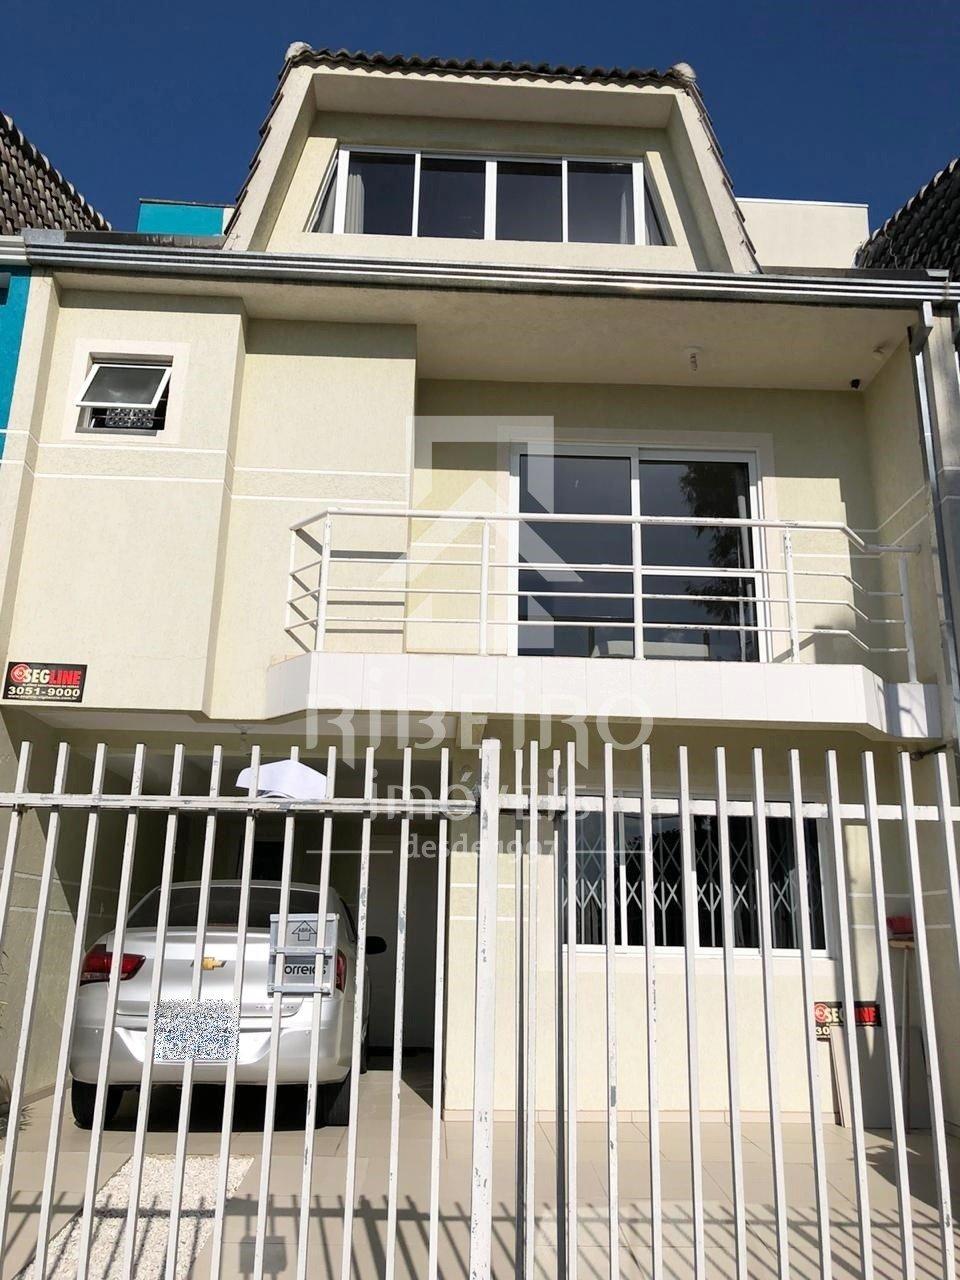 REF. 8305 -  São José Dos Pinhais - Rua  Joao Teixeira De Carvalho, 649